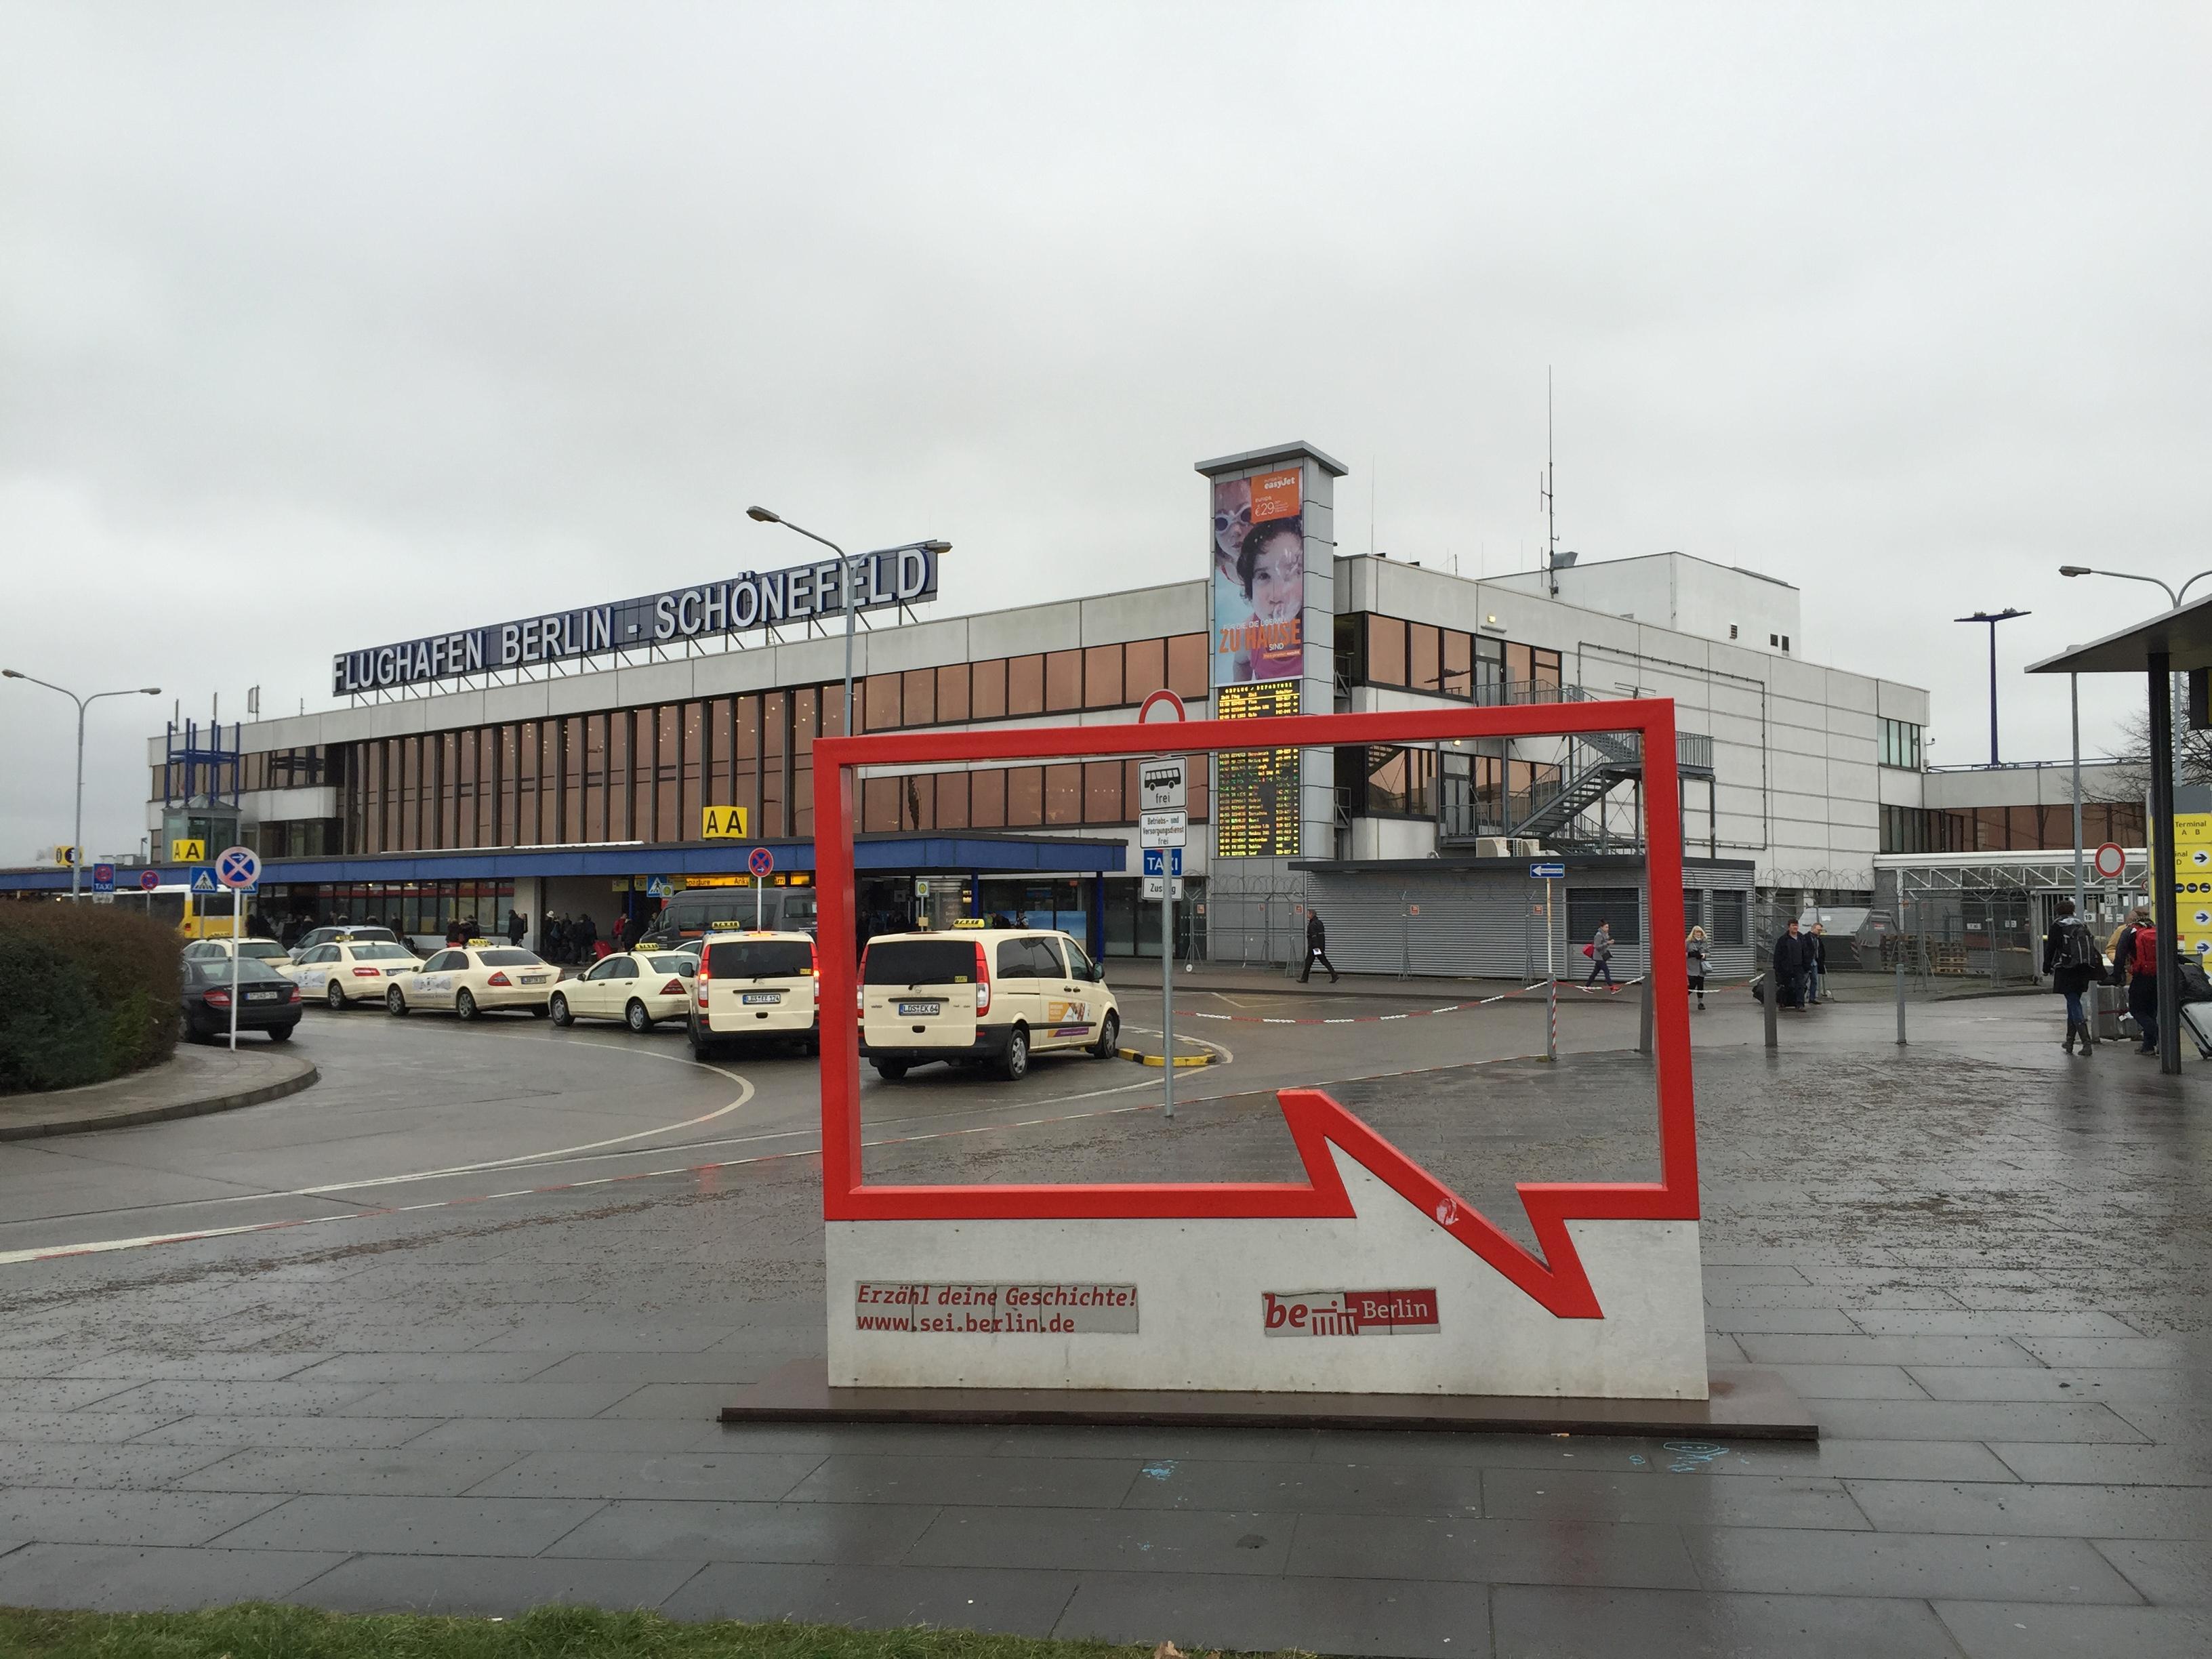 Be Berlin, fordert die Sprechblase den Flughafen auf.